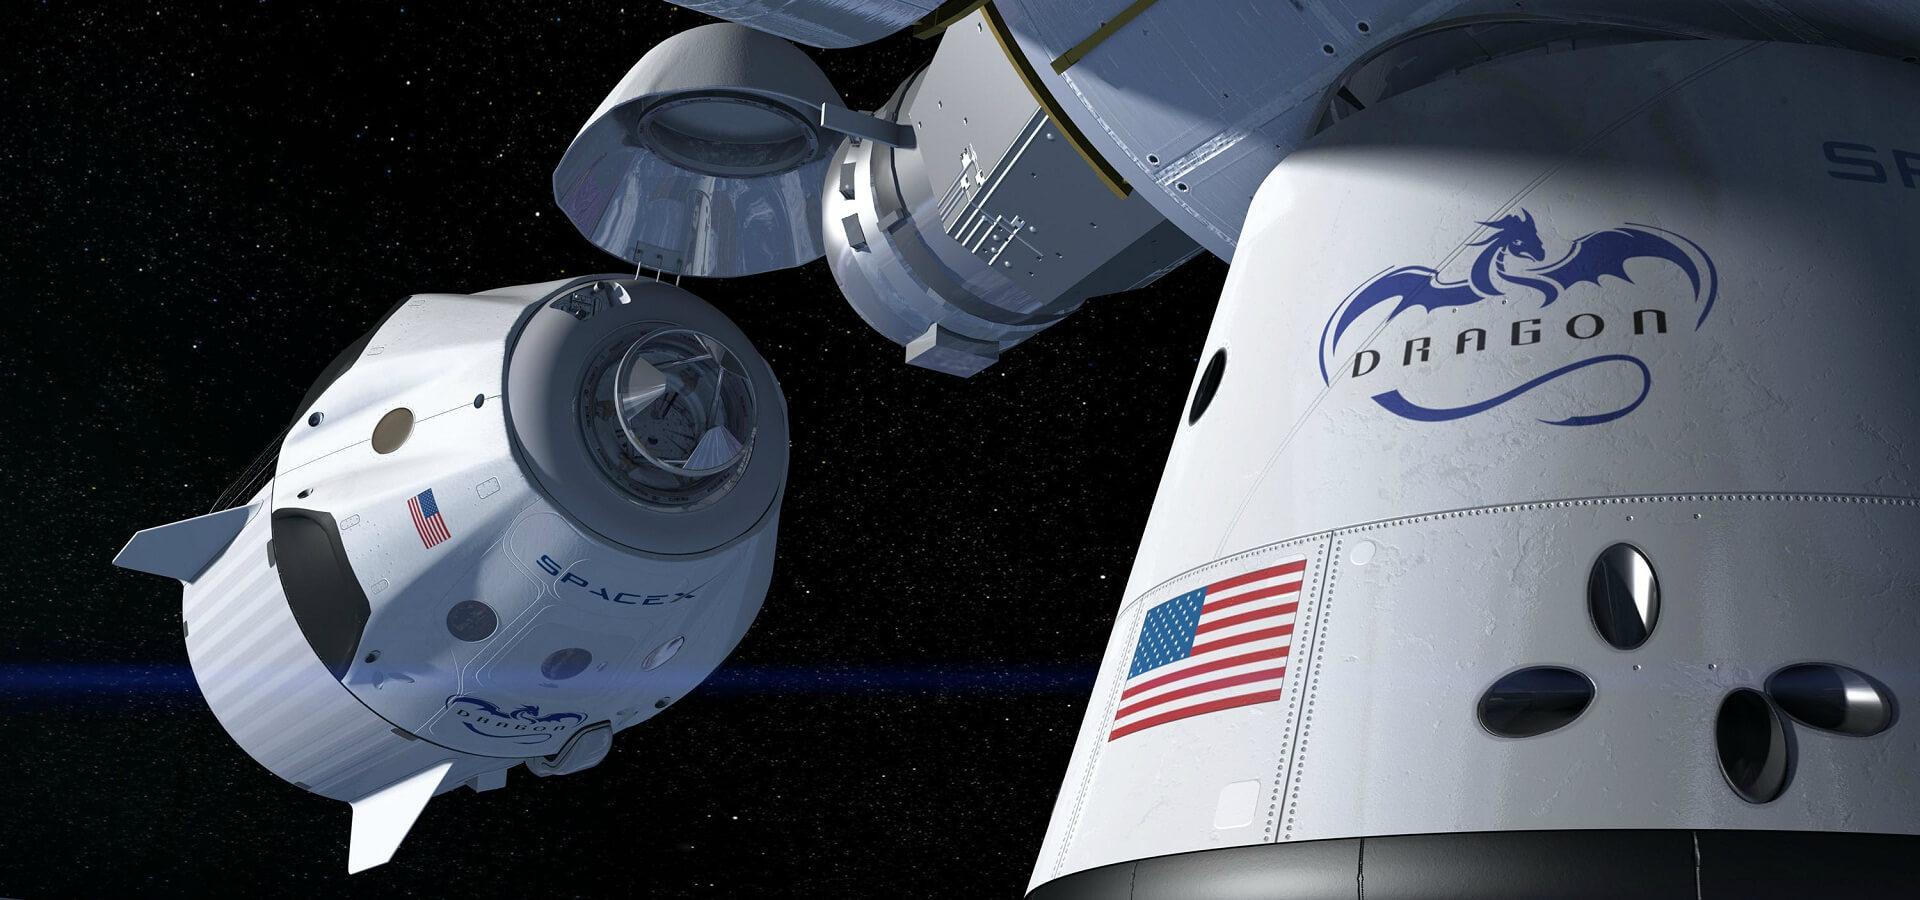 اتصال دراگون سرنشین دار به ایستگاه فضایی بین المللی